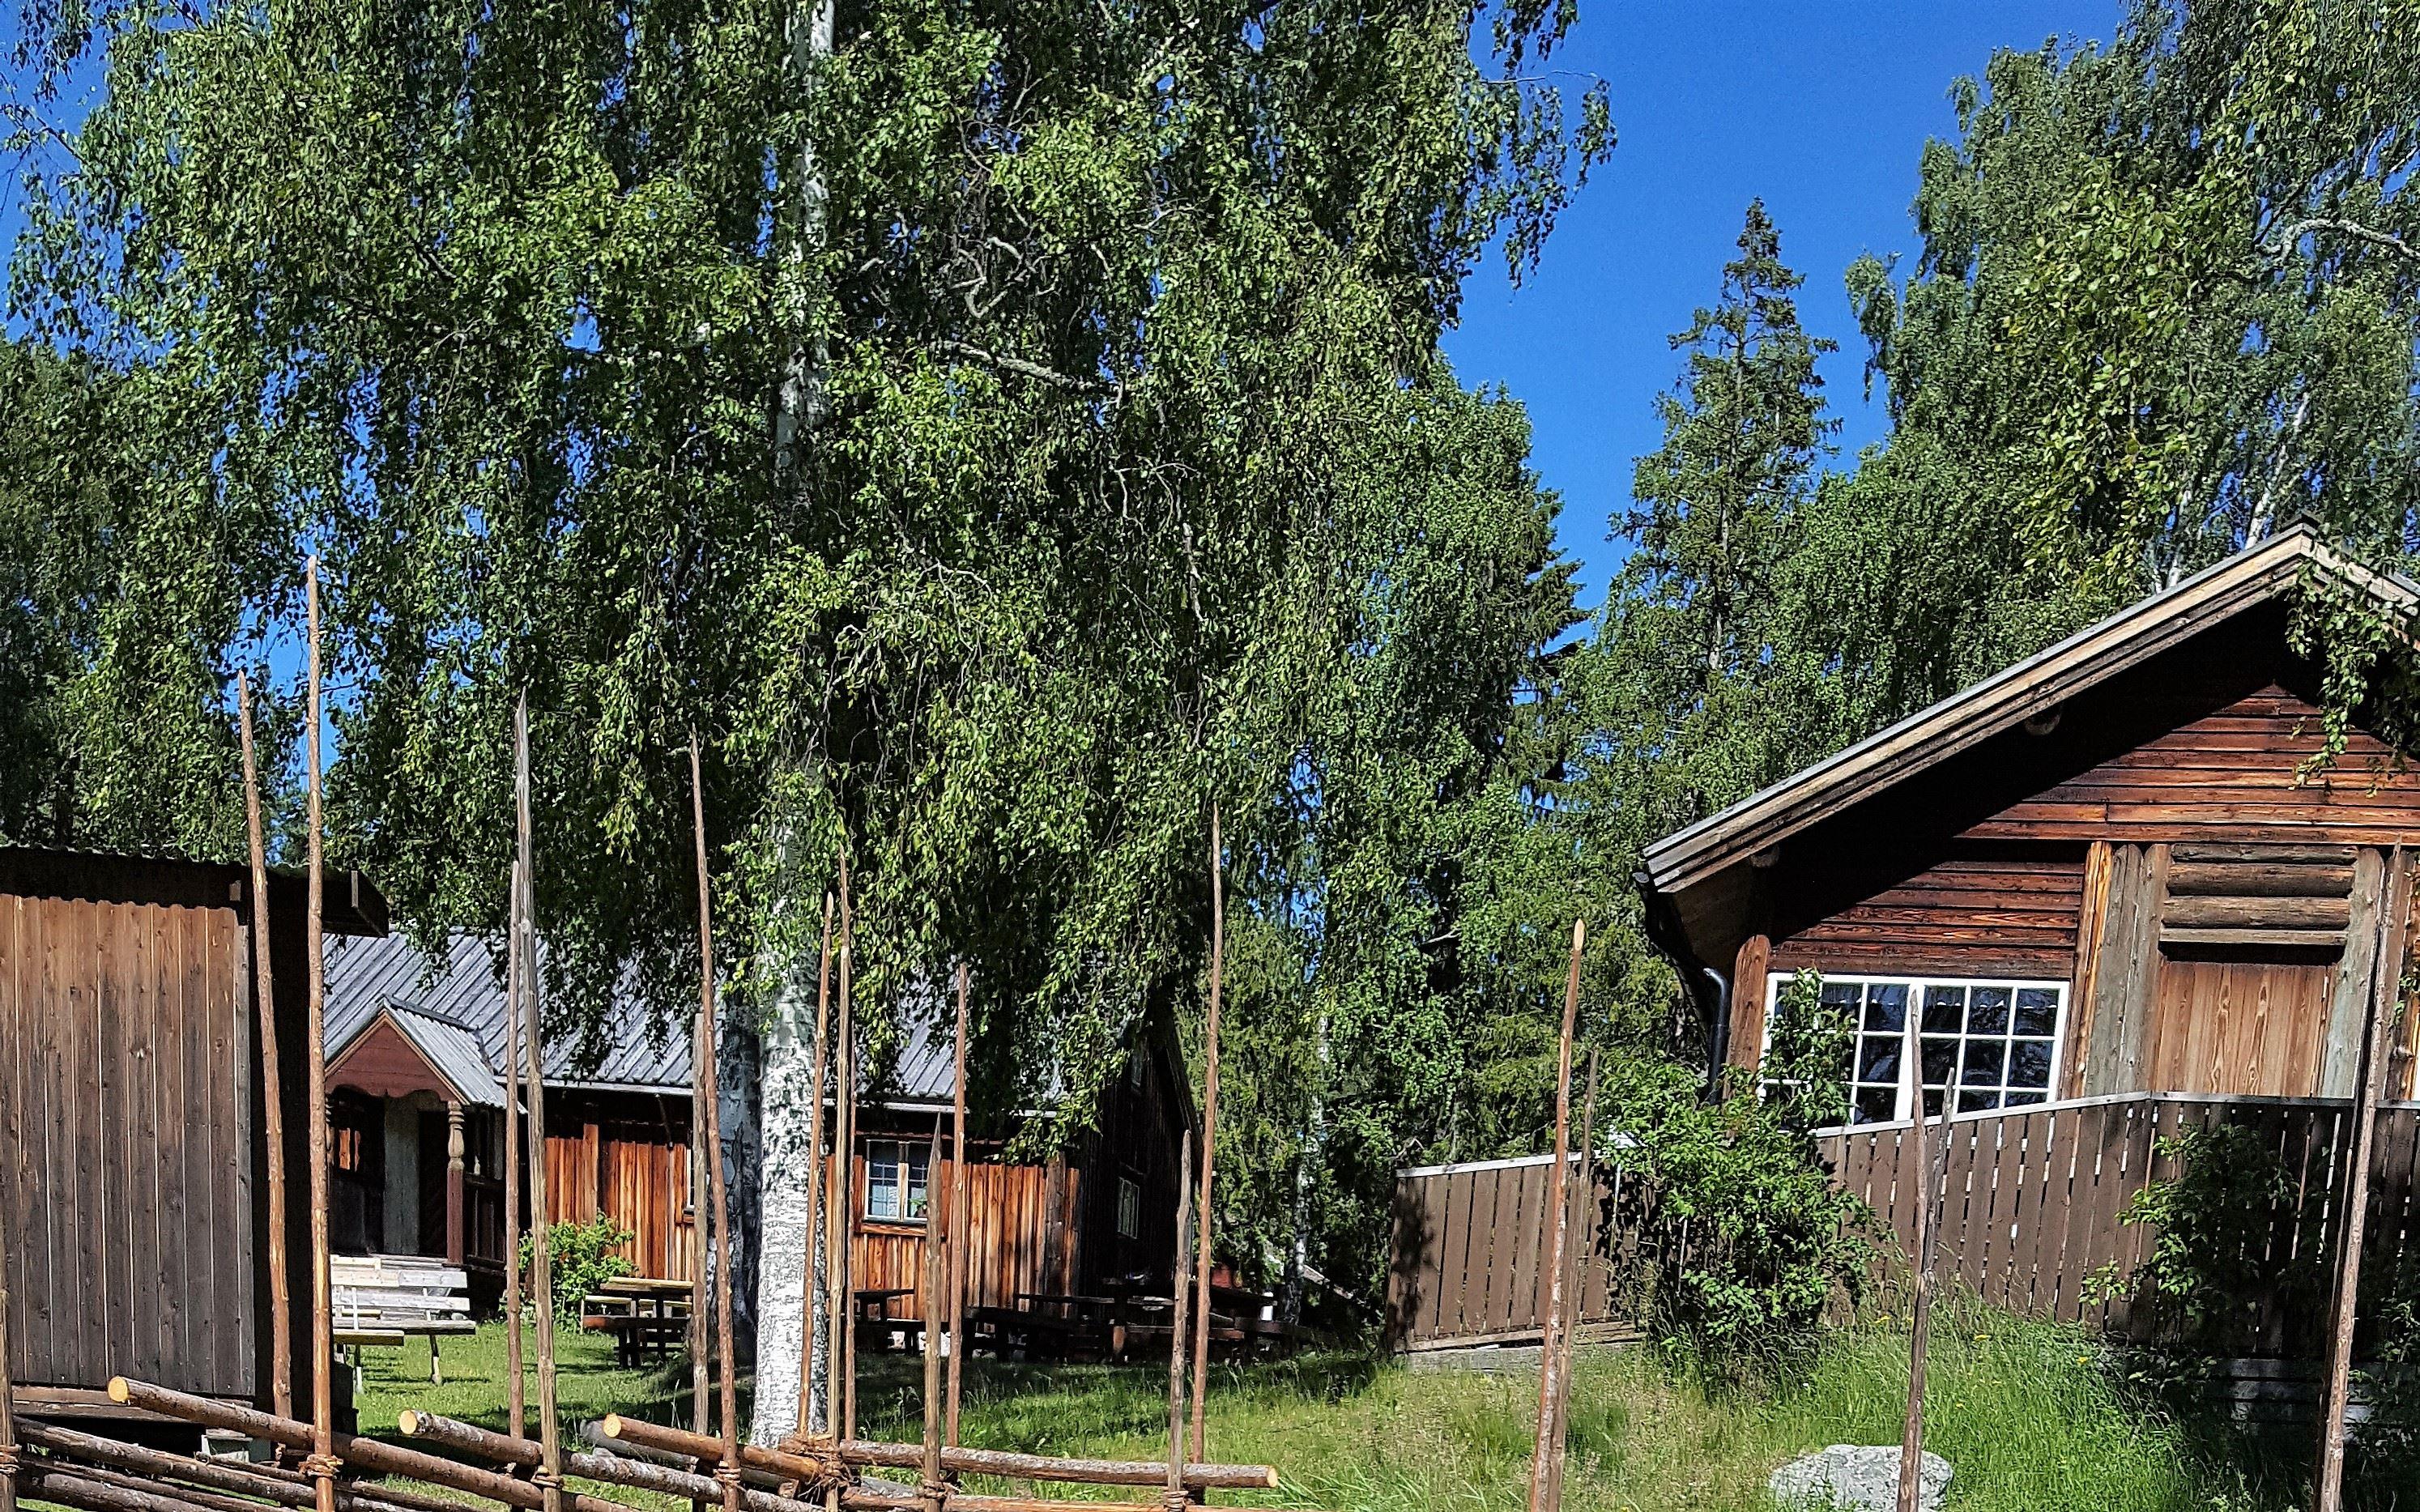 Petra Gahm, Bjuråkers Forngård 25 juni-12 augusti kl. 12-17